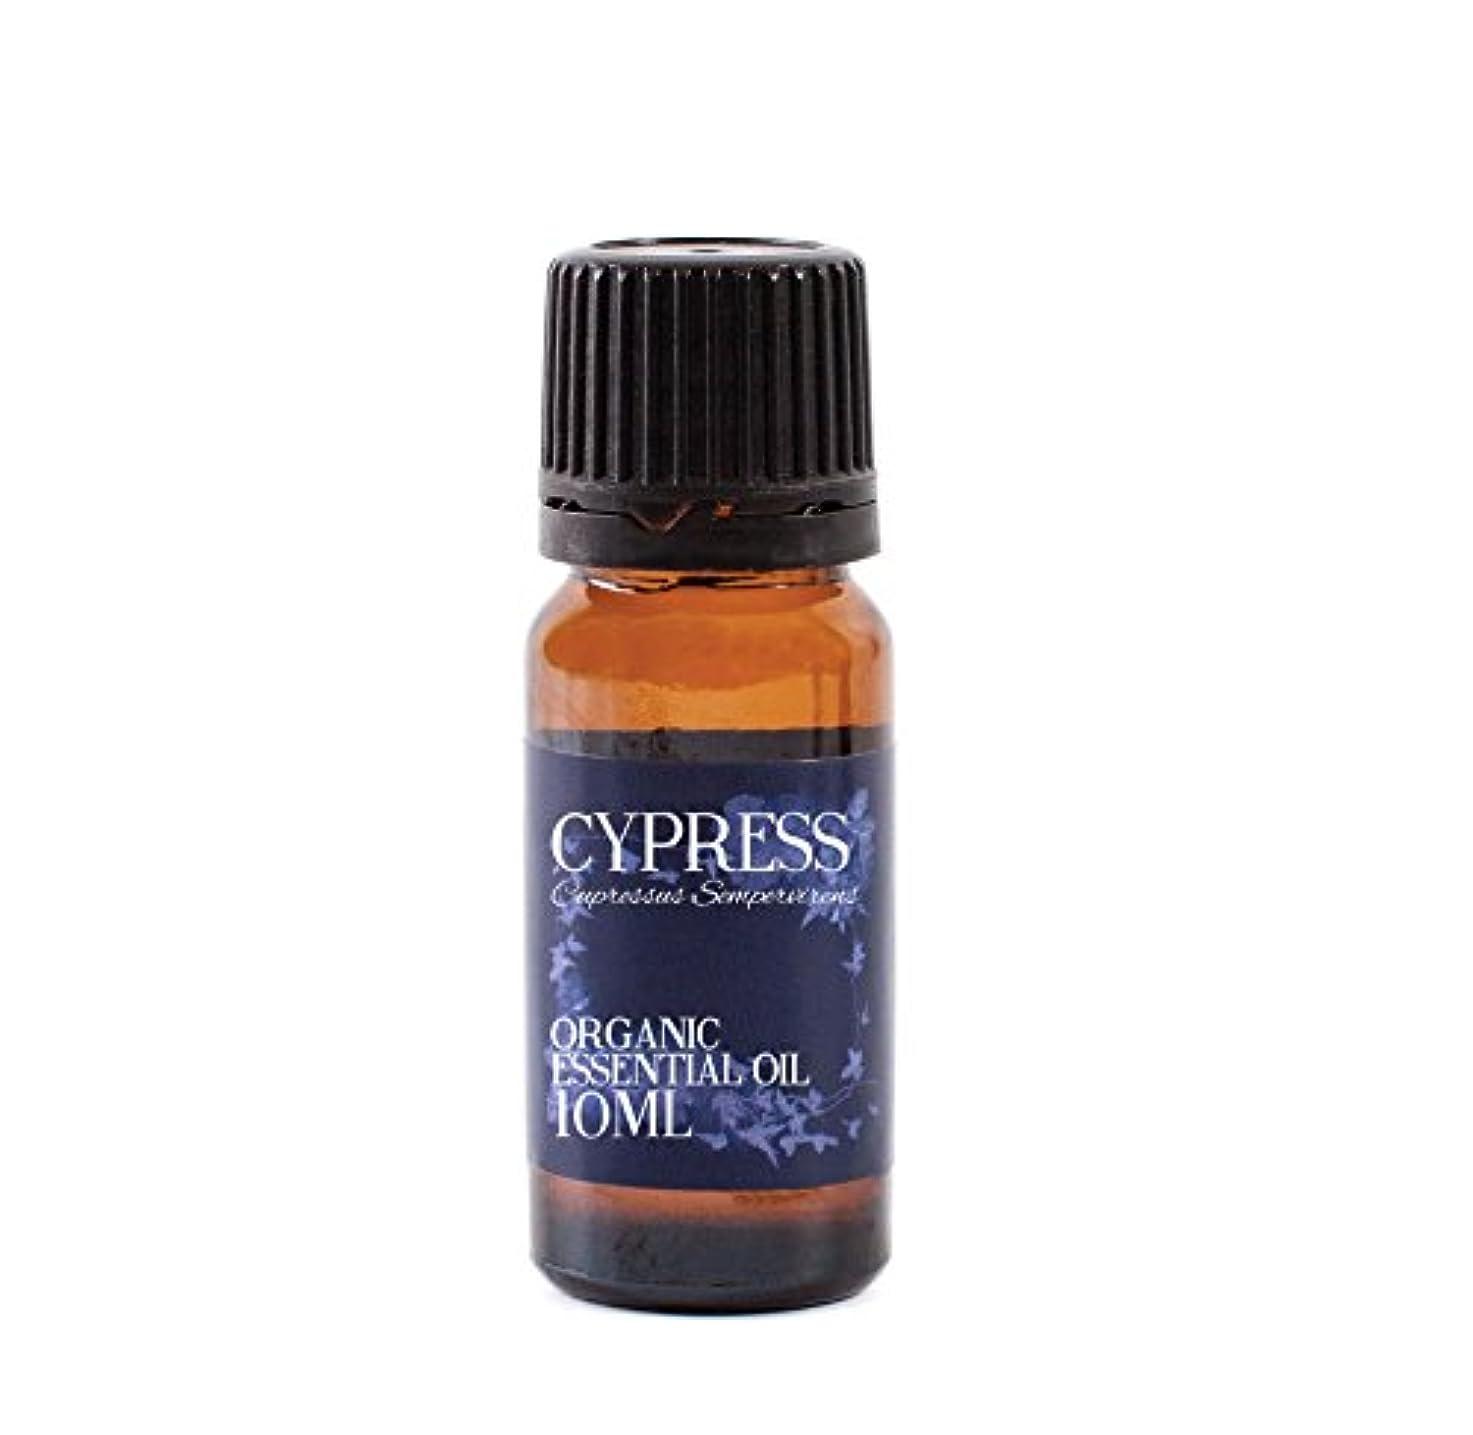 妖精円形安いですCypress Organic Essential Oil - 10ml - 100% Pure